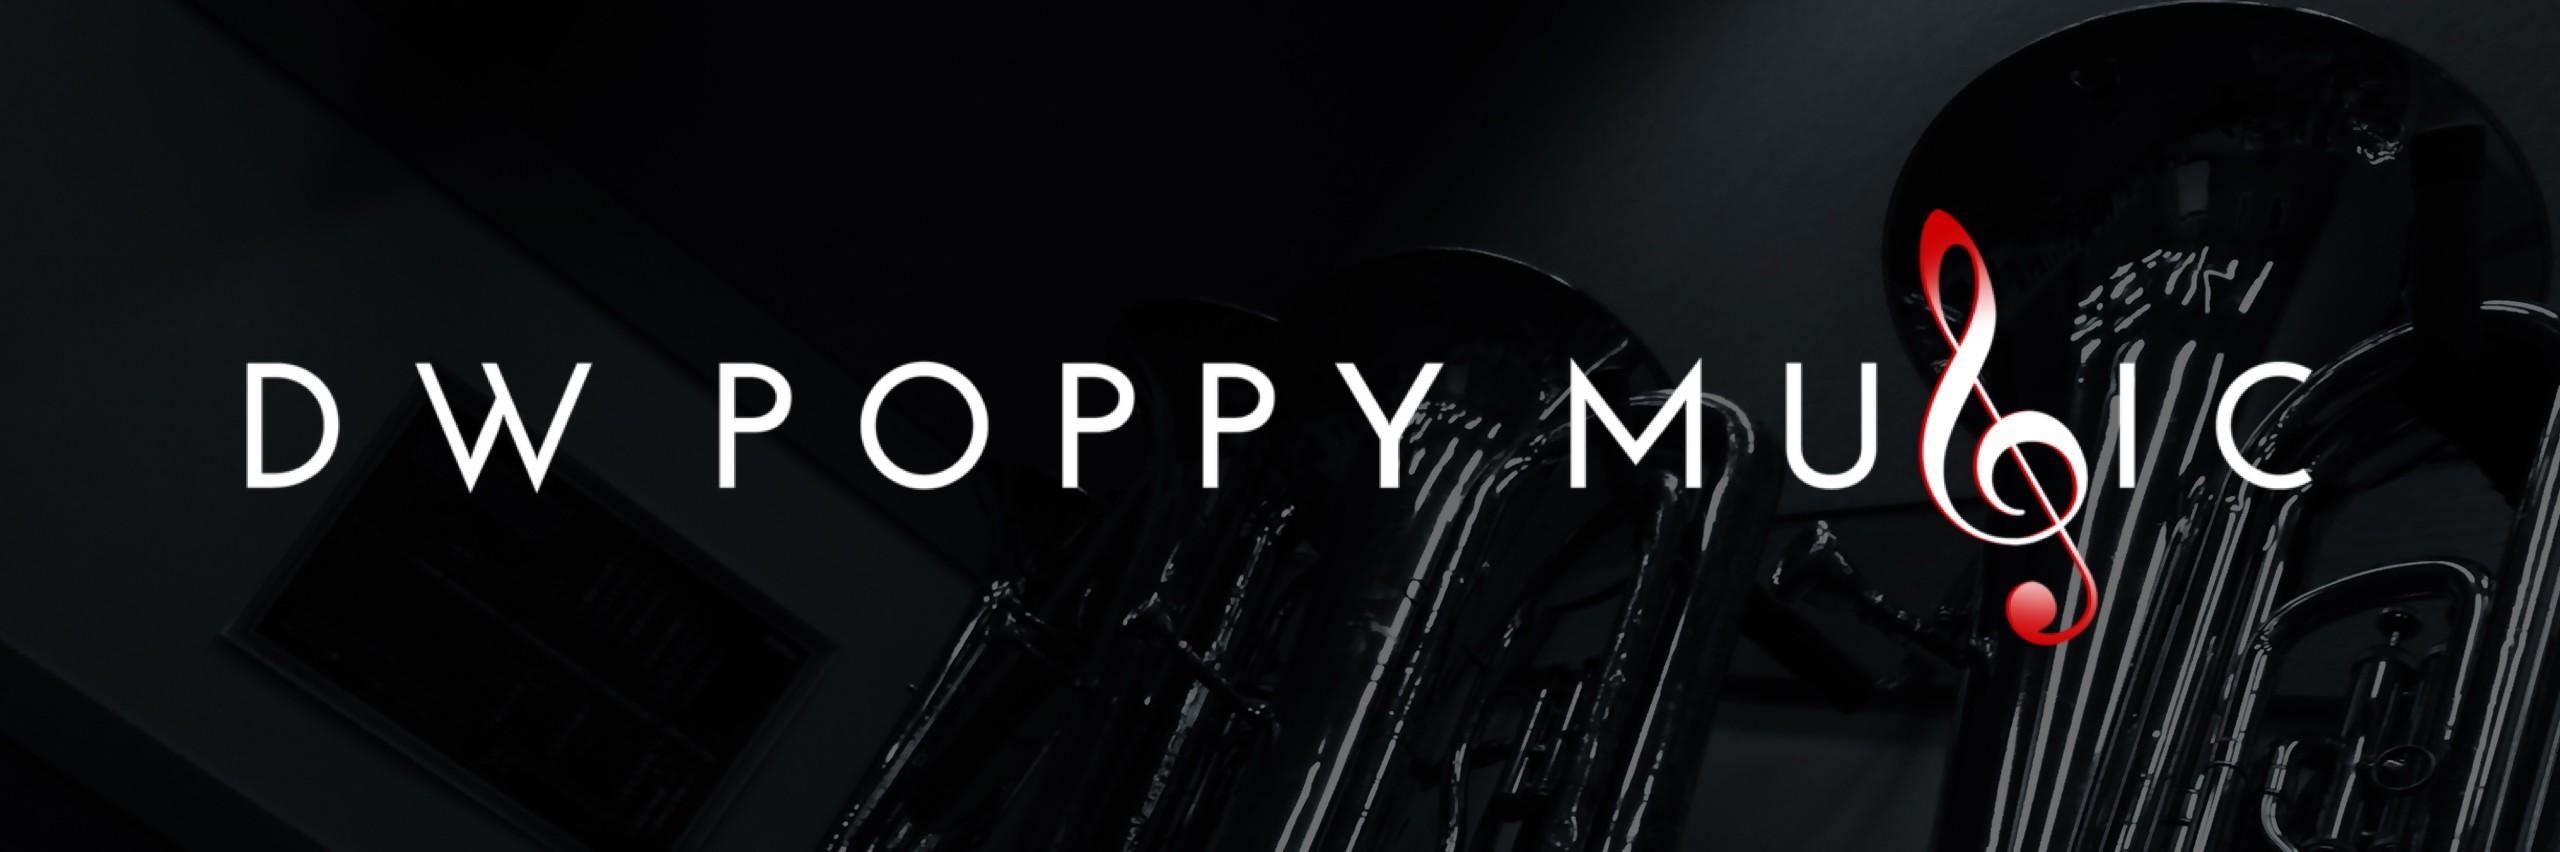 DWPoppyMusic